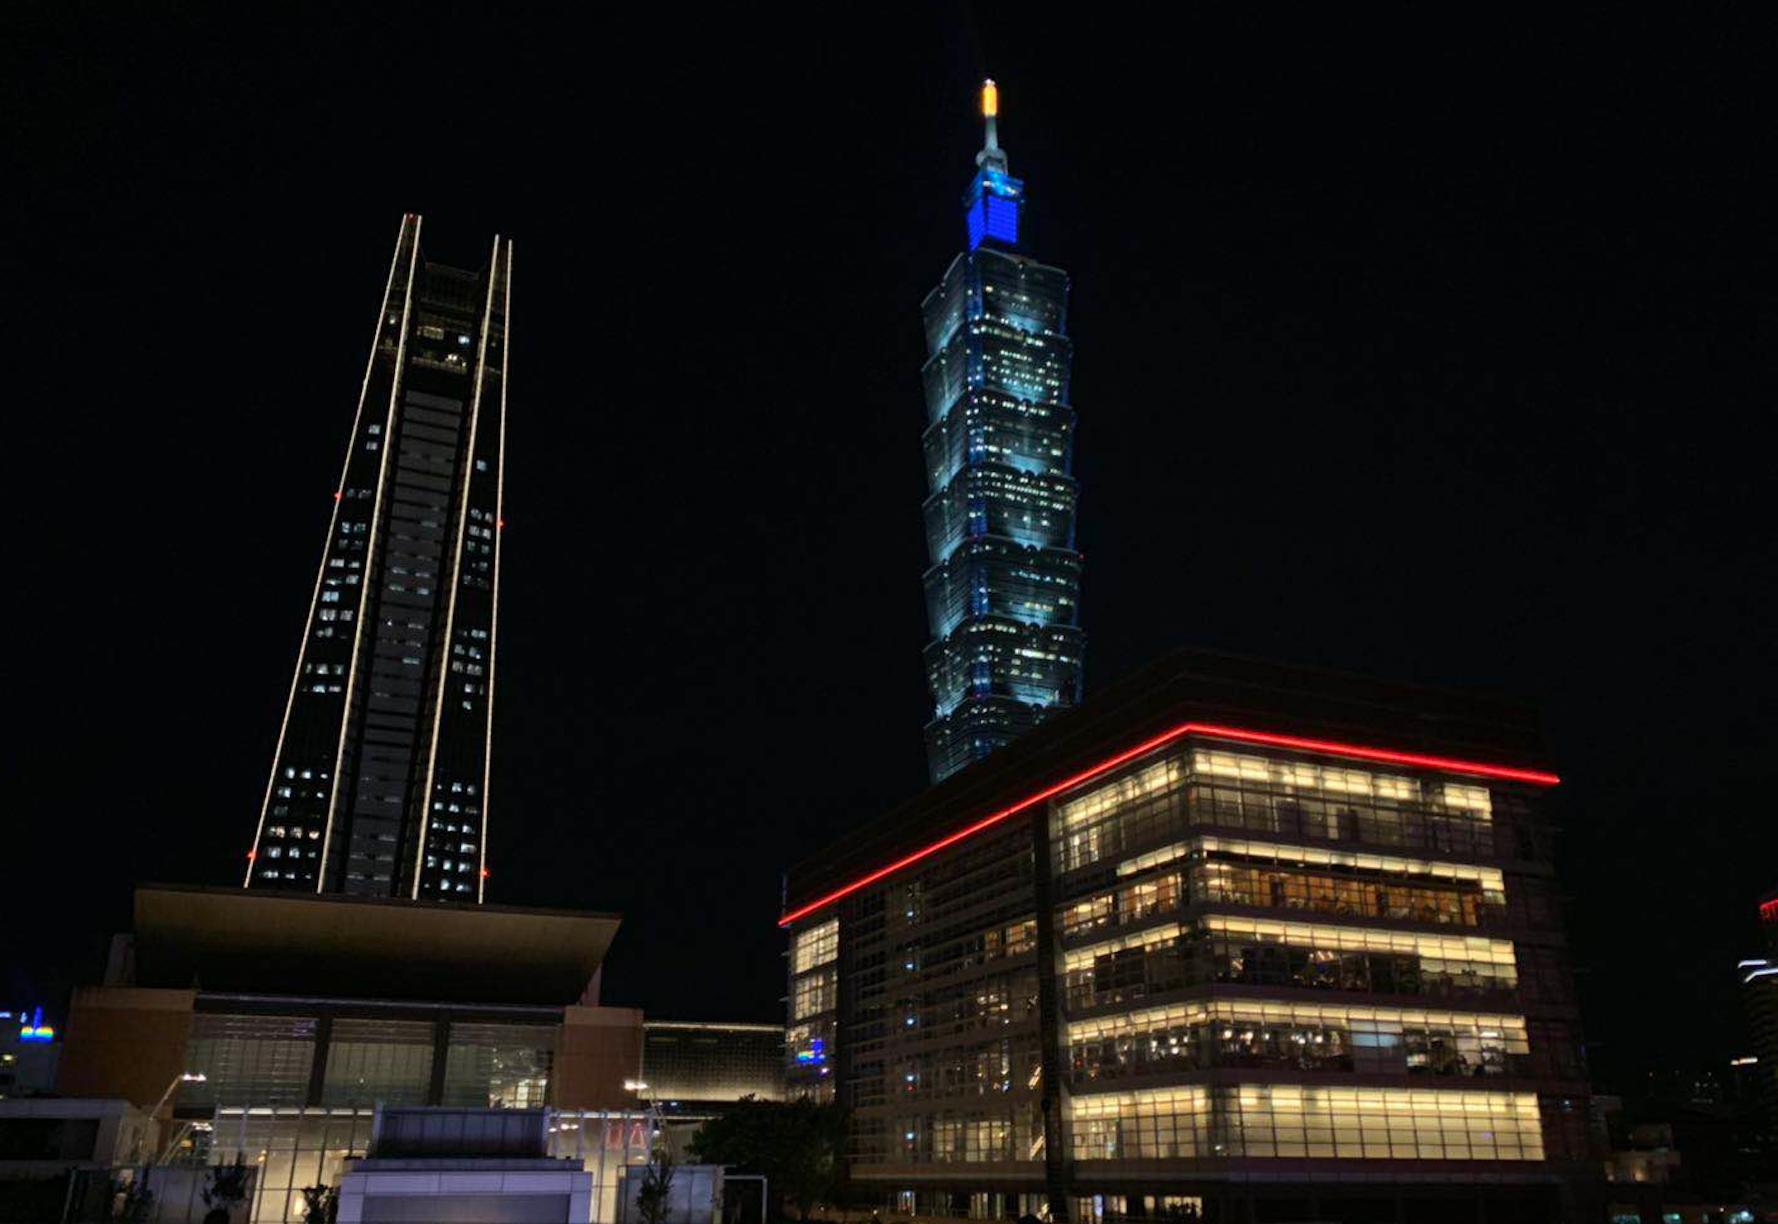 中间的尖塔状建筑,就是台北 101 大厦